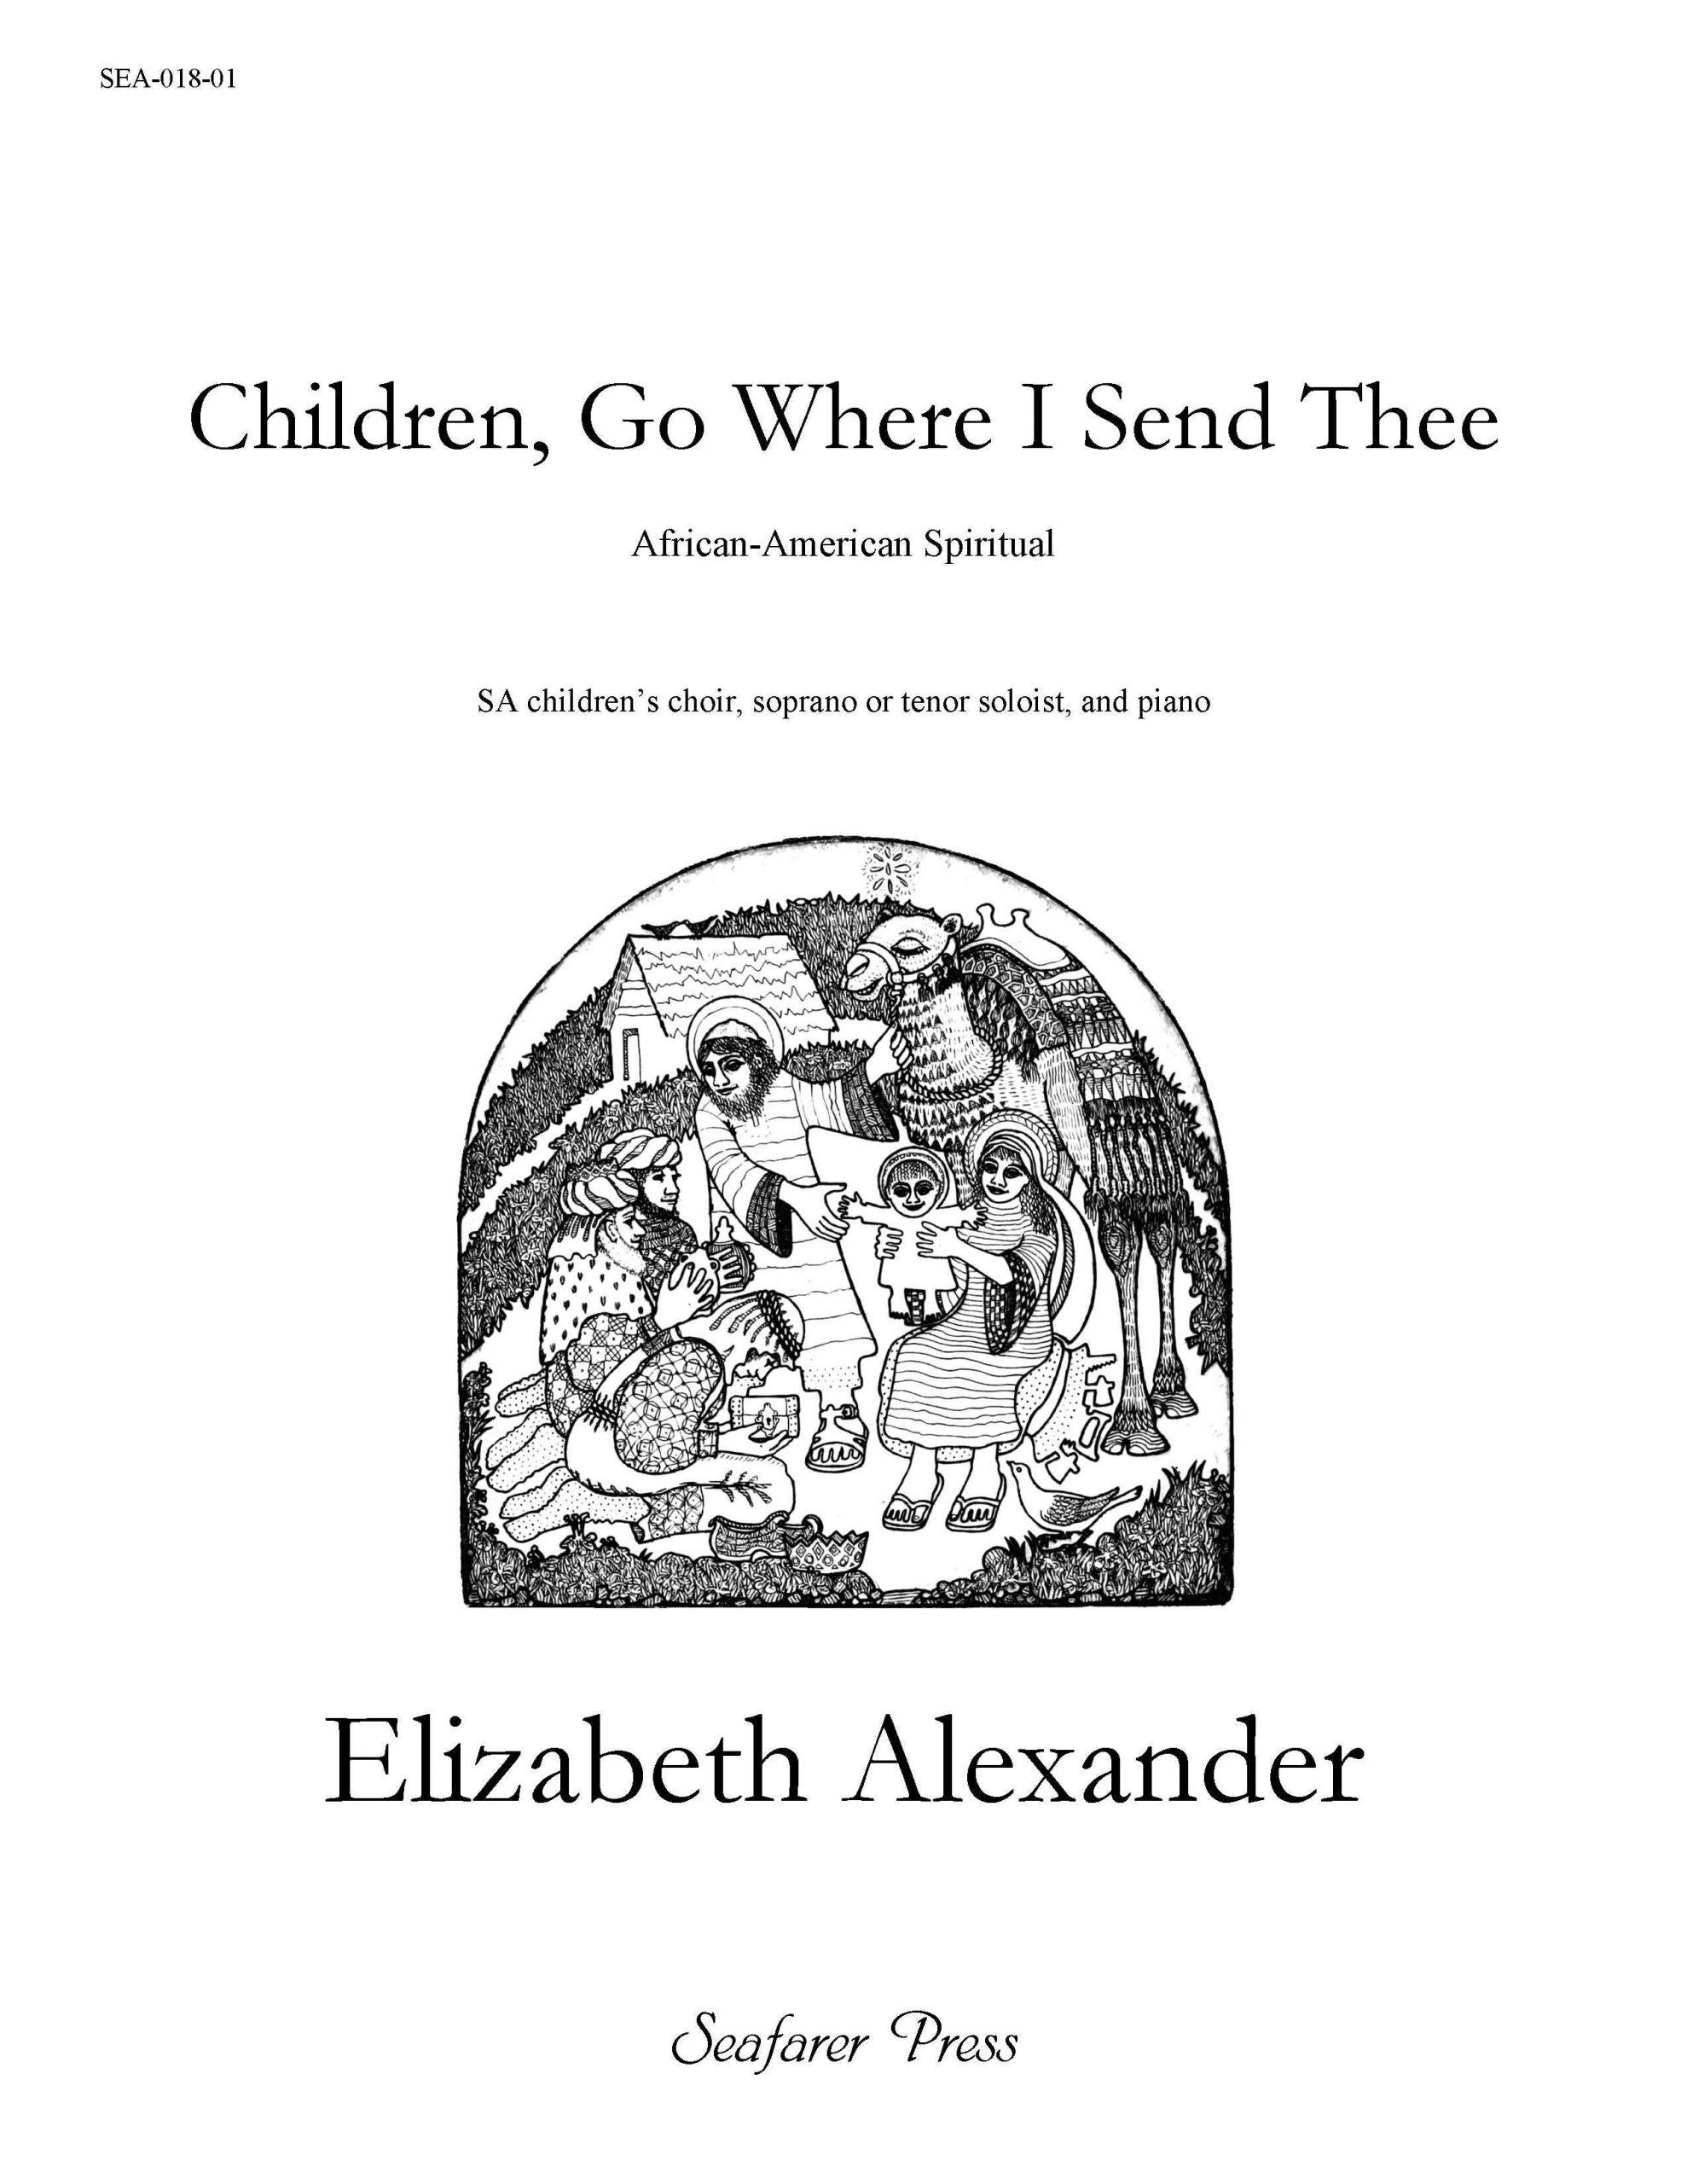 SEA-018-01 - Children, Go Where I Send Thee